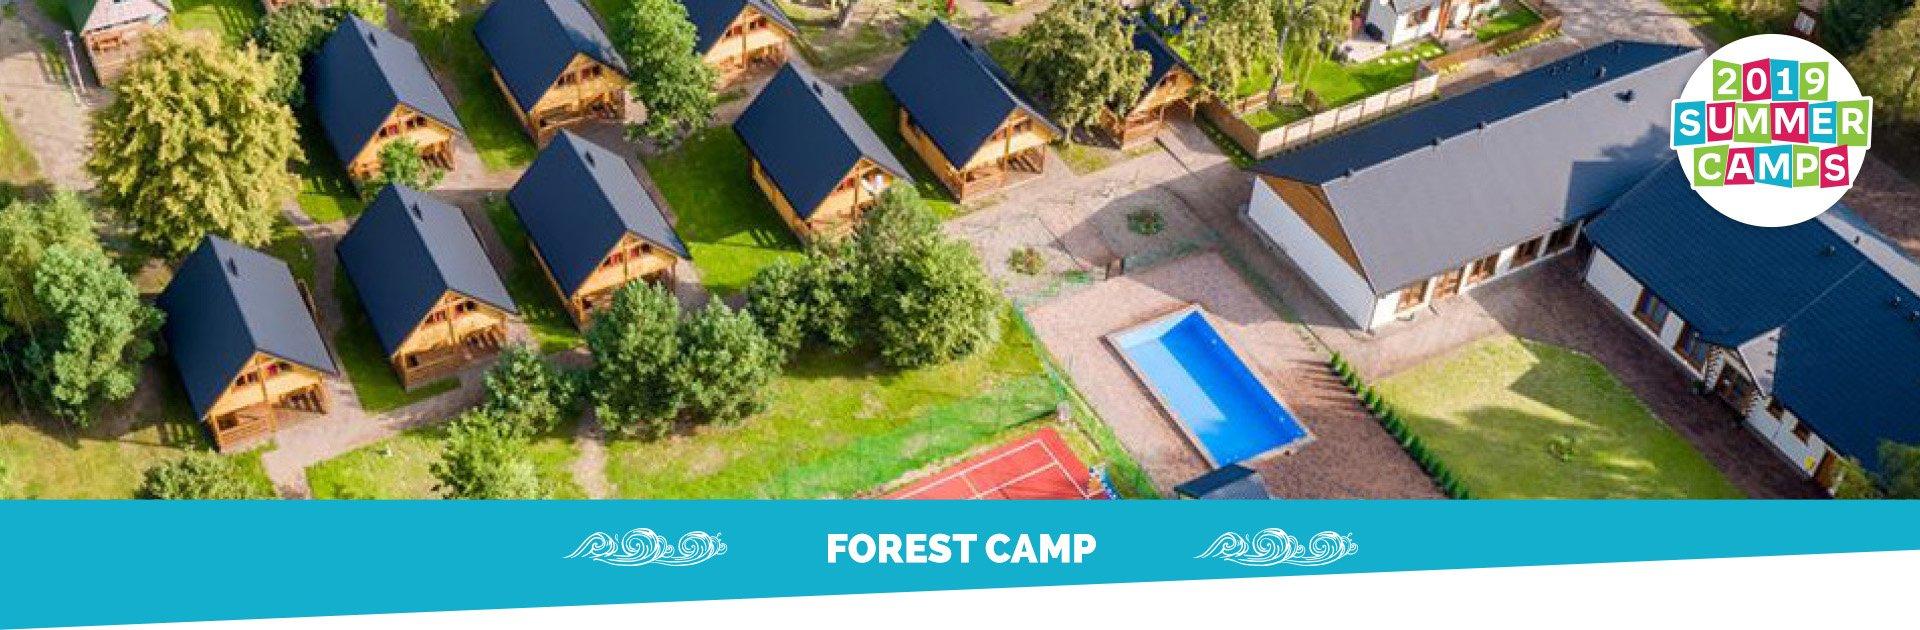 banner_gora_forest